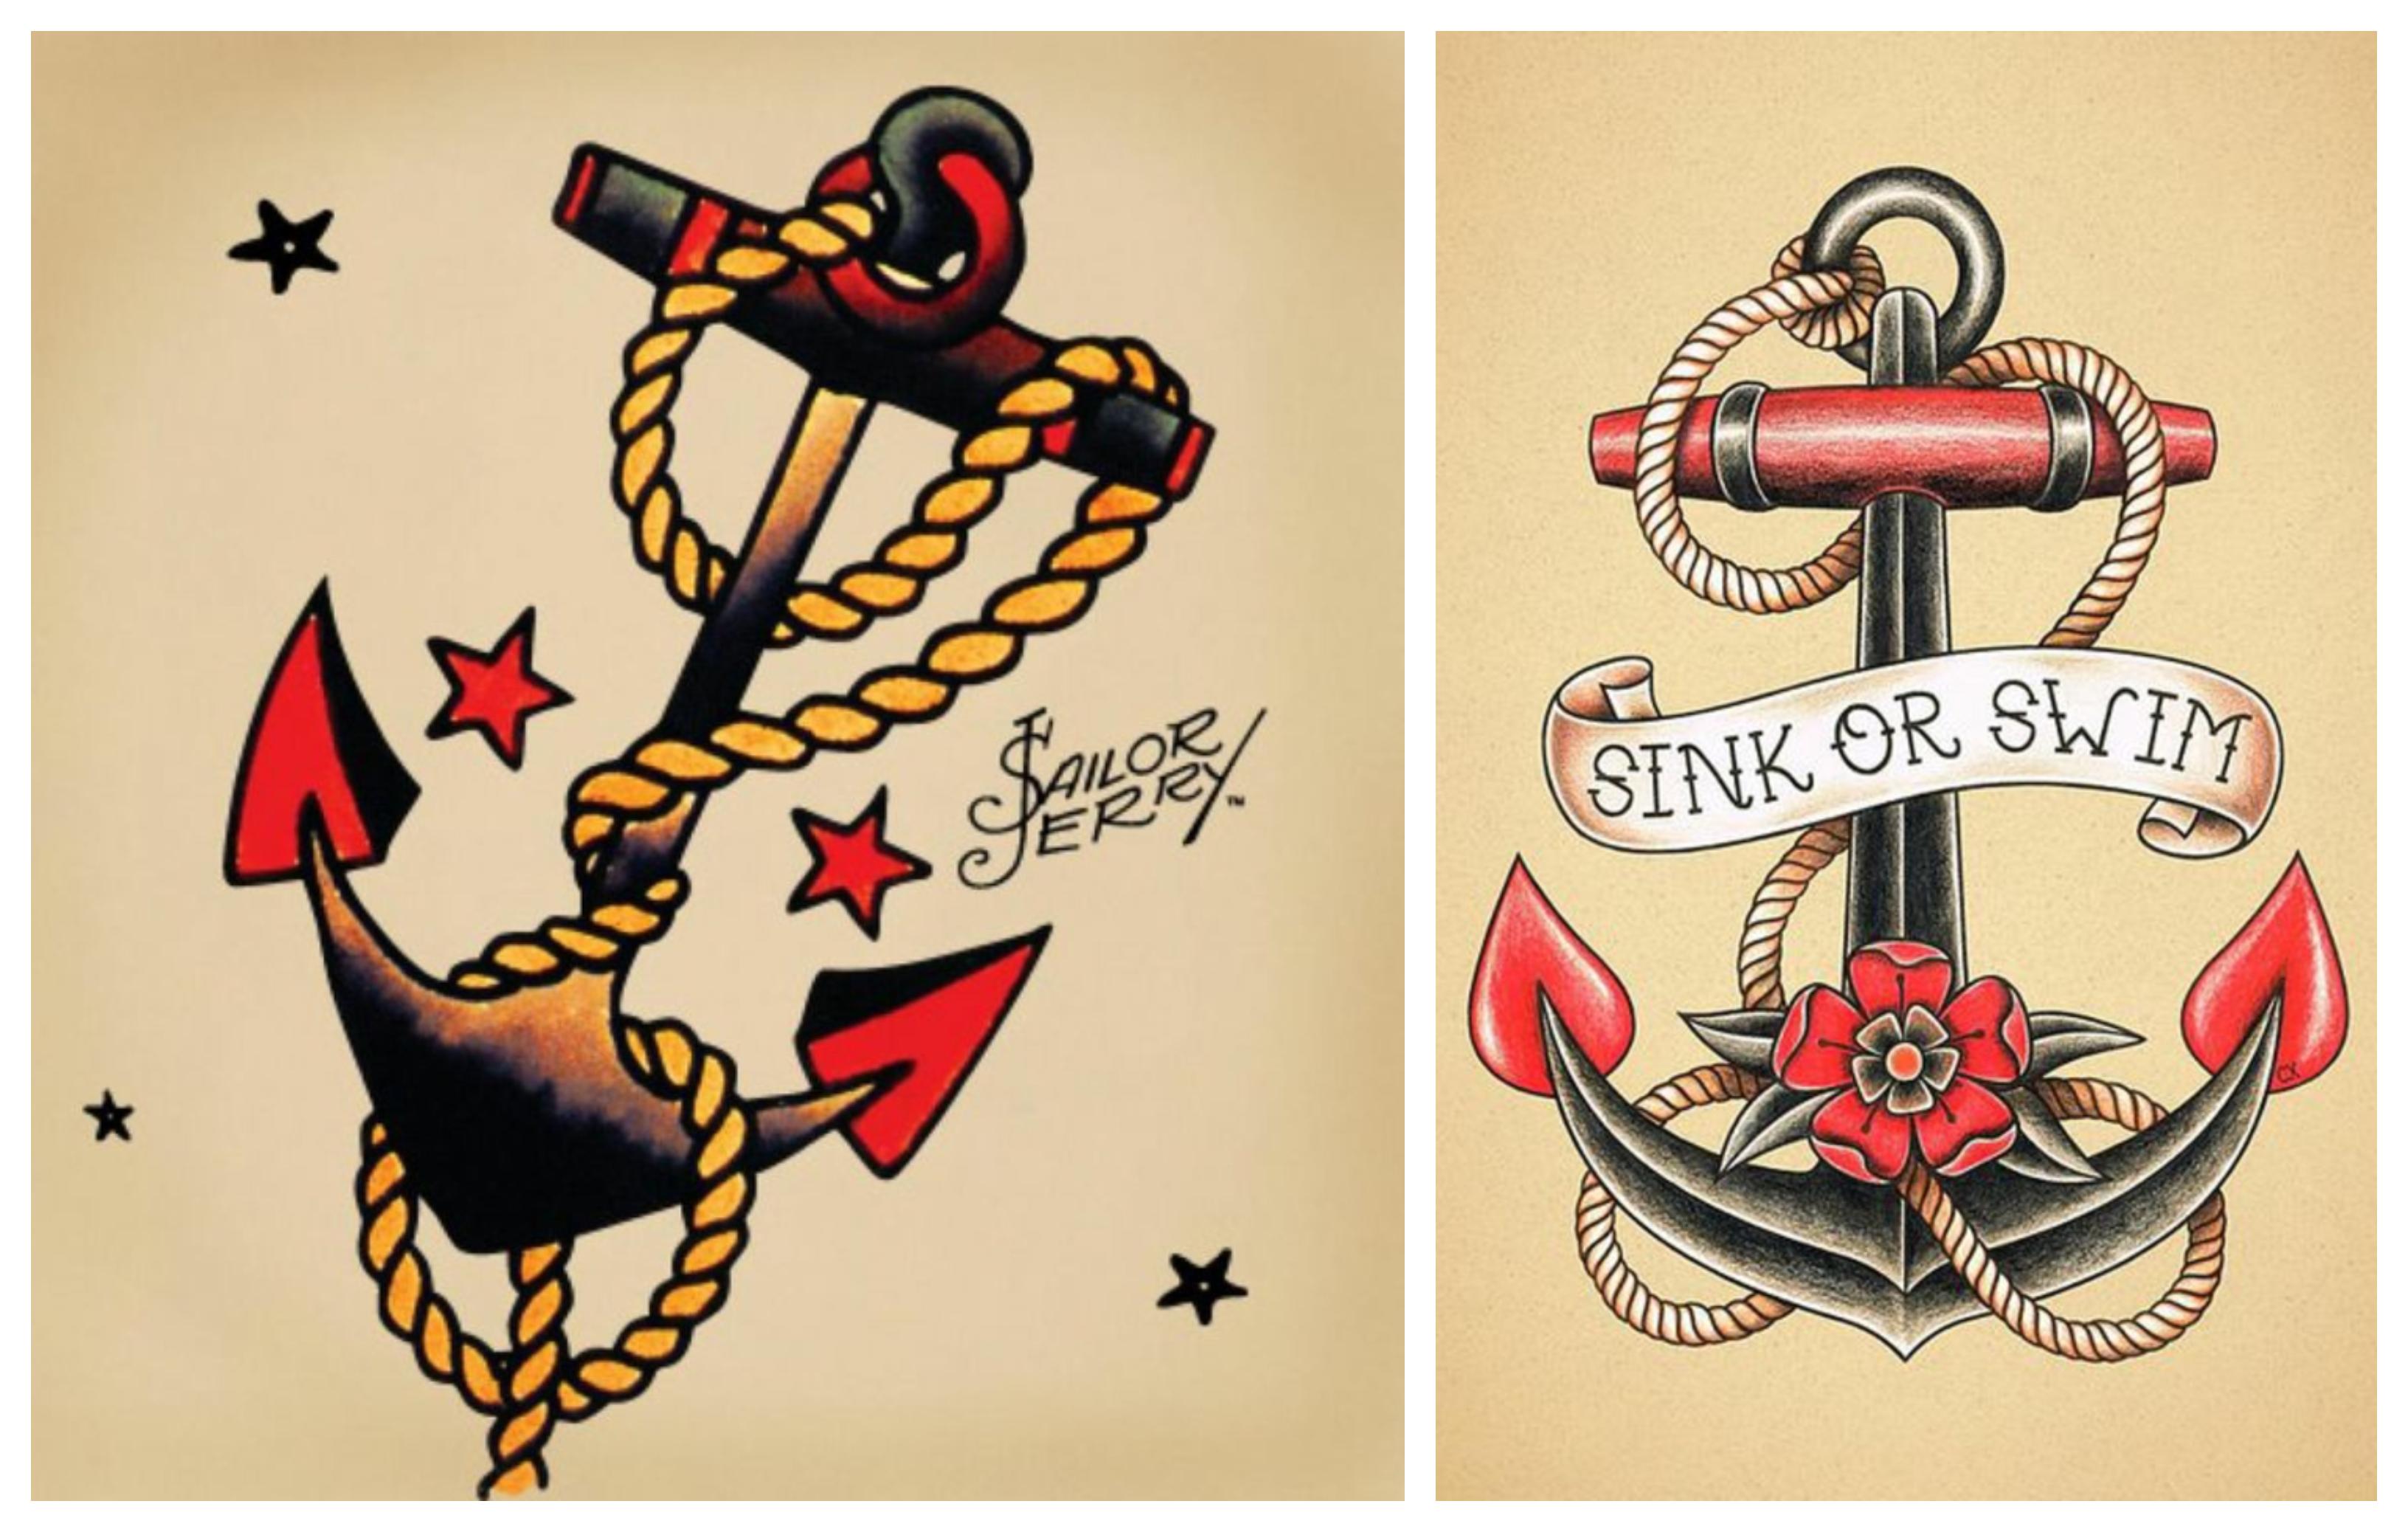 típicos símbolos de los tatuajes tradicionales americanos, tattoos con anclas, tatuajes para hombres en el brazo, ejemplos de tatuajes old school marineros